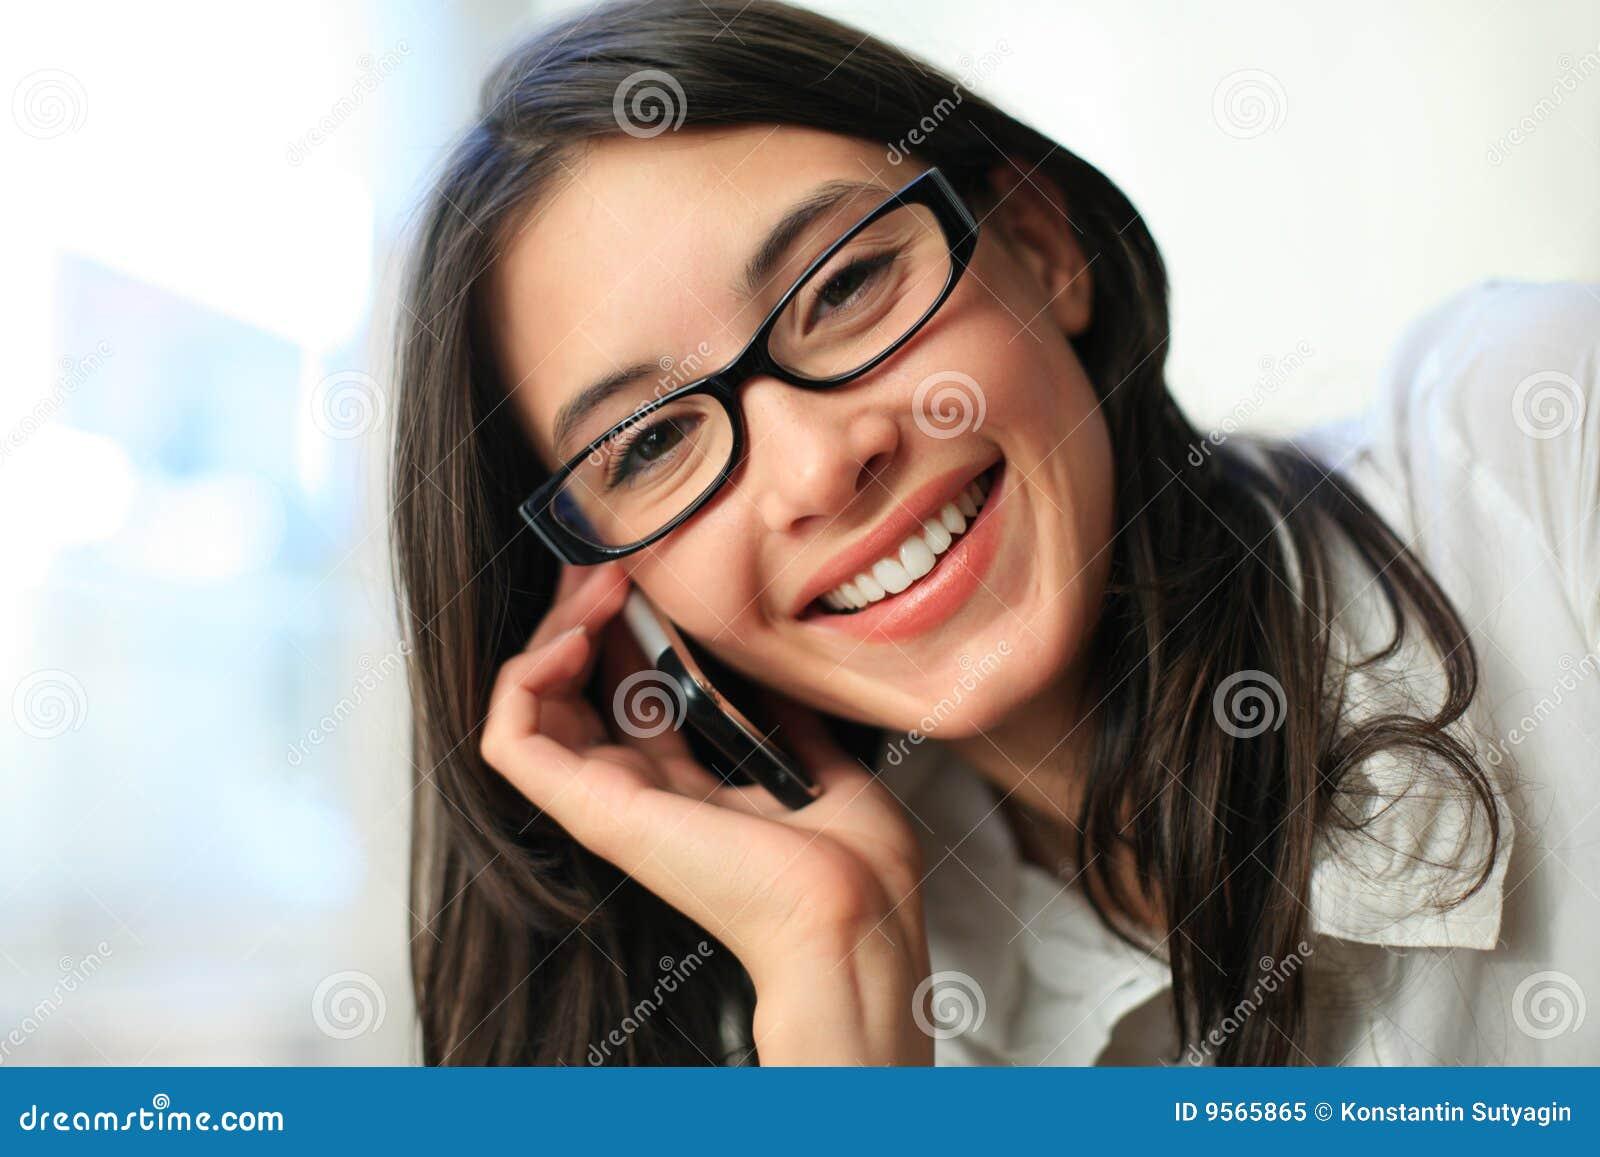 Послушать секс по телефону 4 фотография